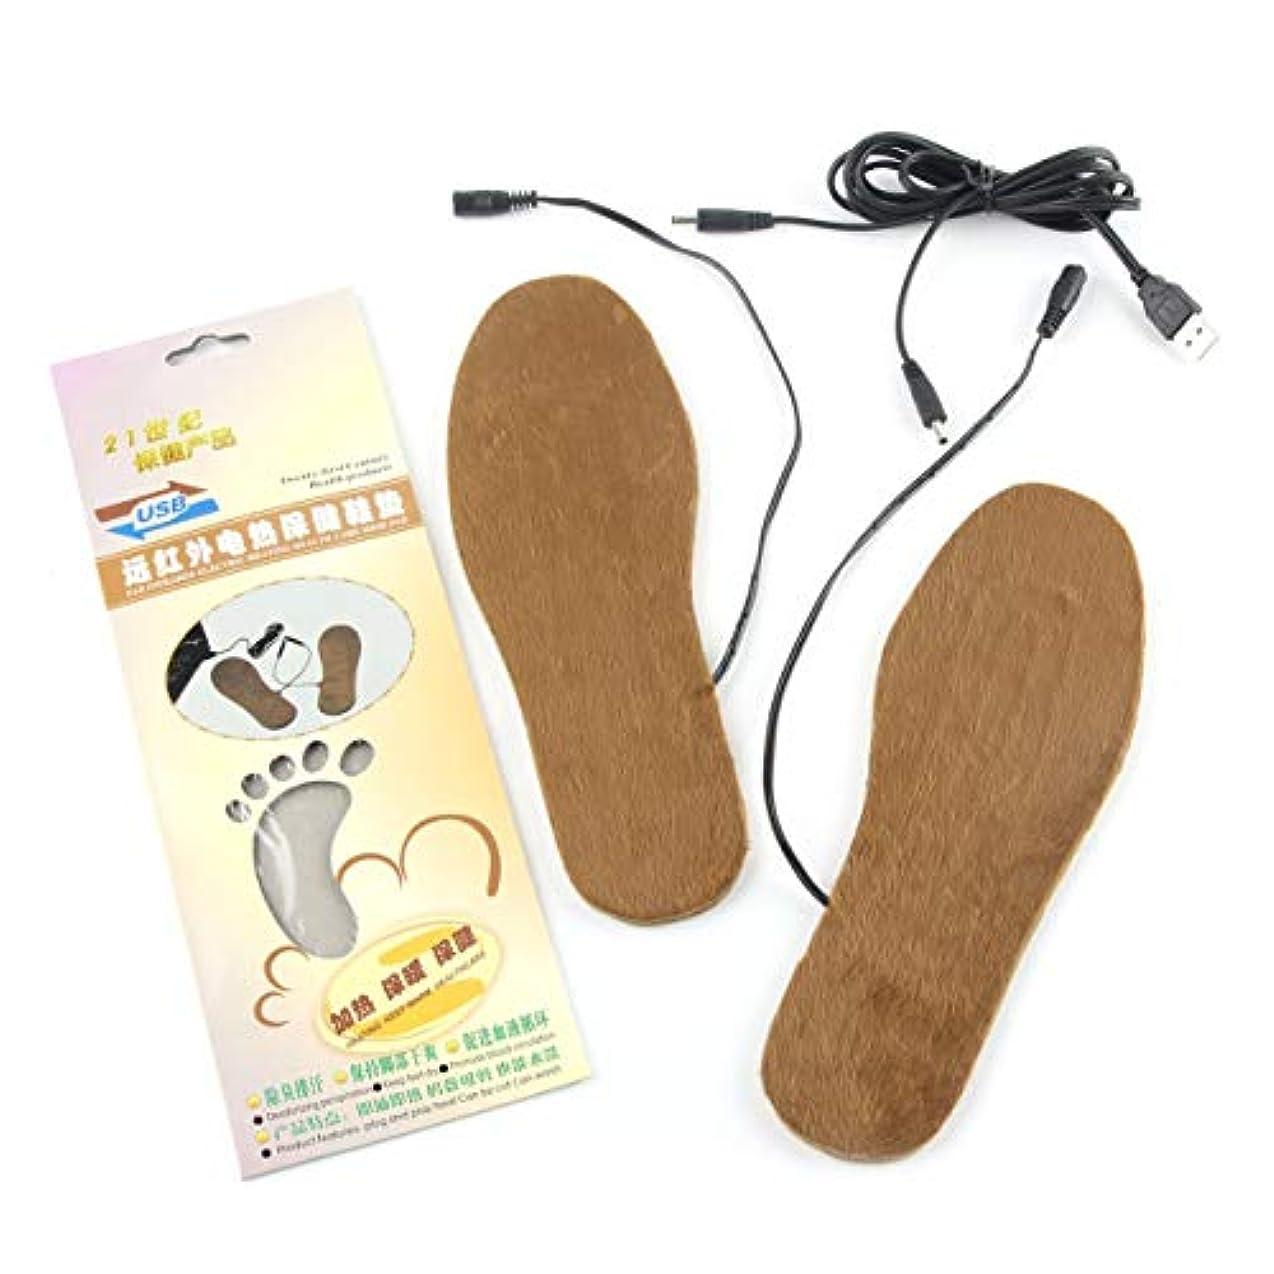 火星バンドル信頼性Saikogoods 1ペア切断可能冬のブーツインソールUSB温水フットウォーマーソフトシューズパッドクッション快適な靴のアクセサリー 淡い茶色 男性用